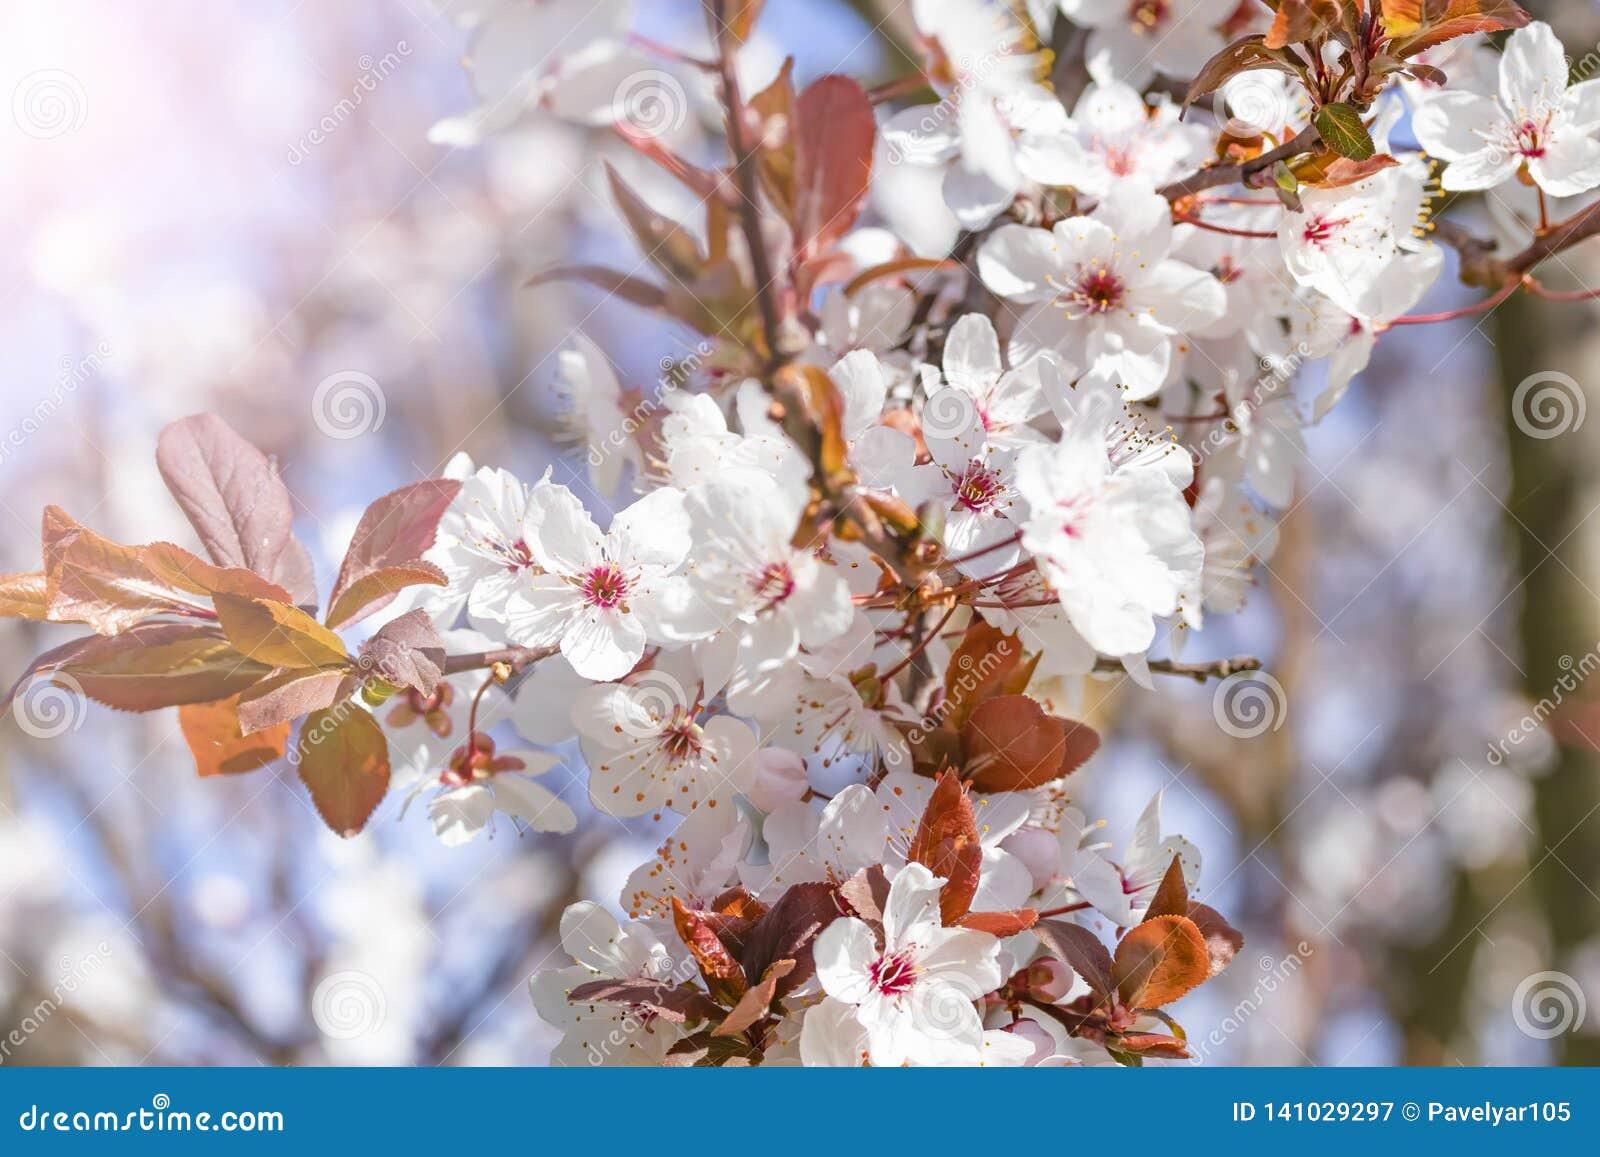 Fiori rossi bianchi del prunus cerasifera Ramo sbocciante con con i fiori della ciliegia susina albero di fioritura